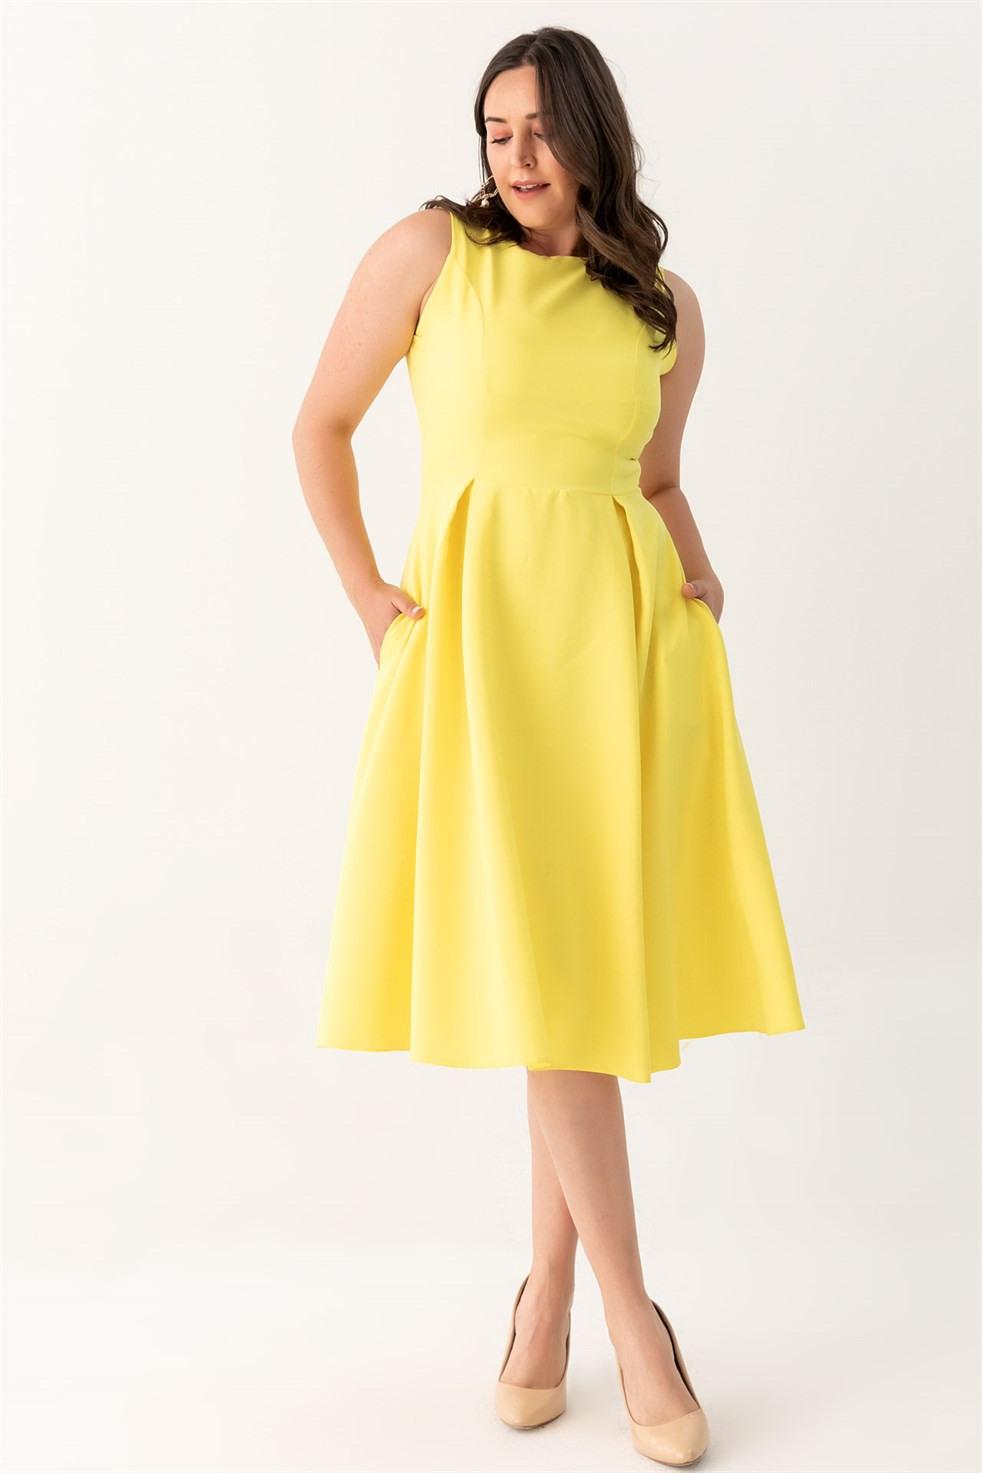 10 Wunderbar Abend Kleider In Gelb StylishAbend Ausgezeichnet Abend Kleider In Gelb Ärmel